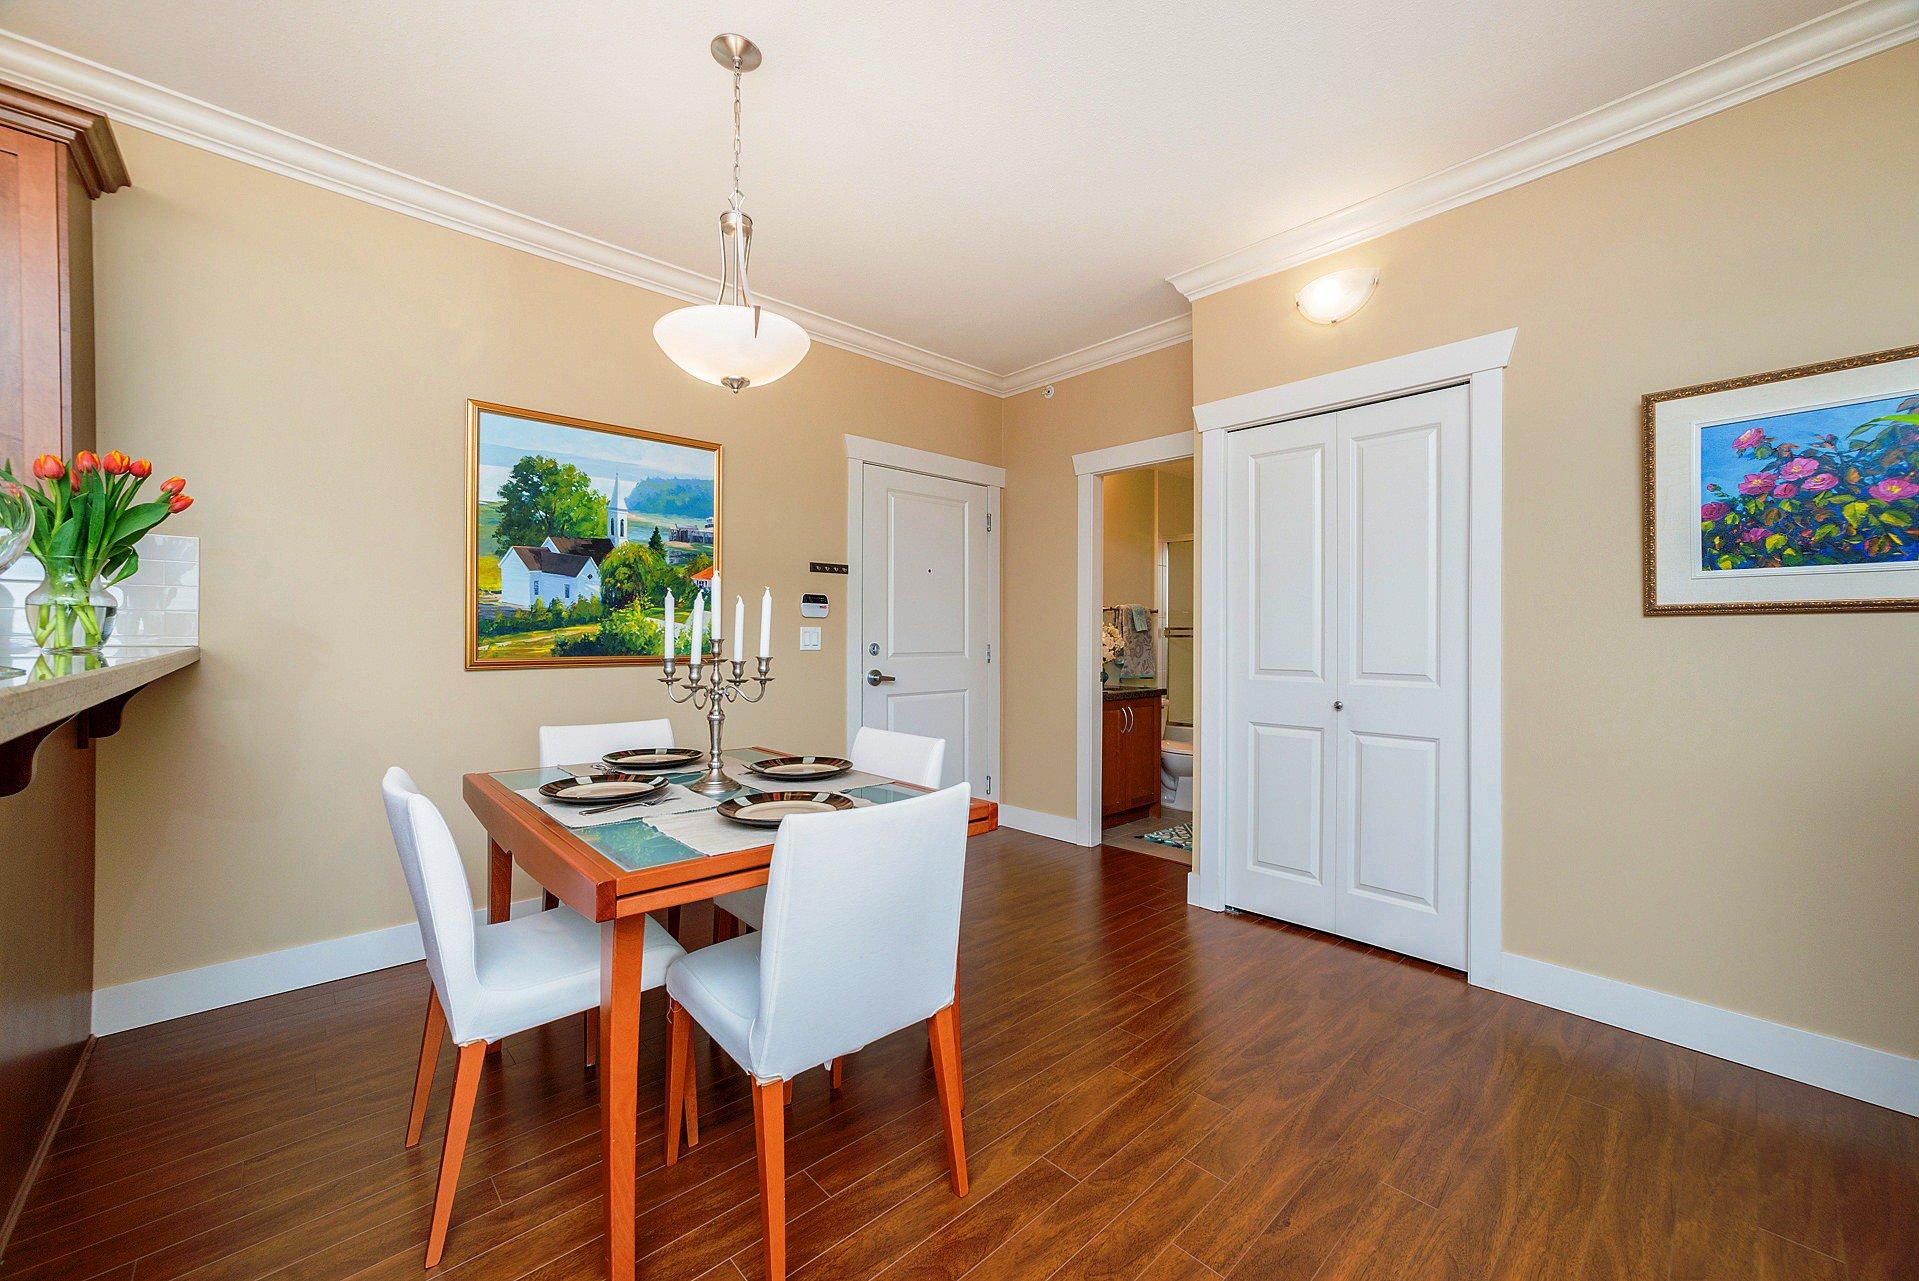 """Photo 6: Photos: 408 15368 17A Avenue in Surrey: King George Corridor Condo for sale in """"OCEAN WYNDE"""" (South Surrey White Rock)  : MLS®# R2249492"""